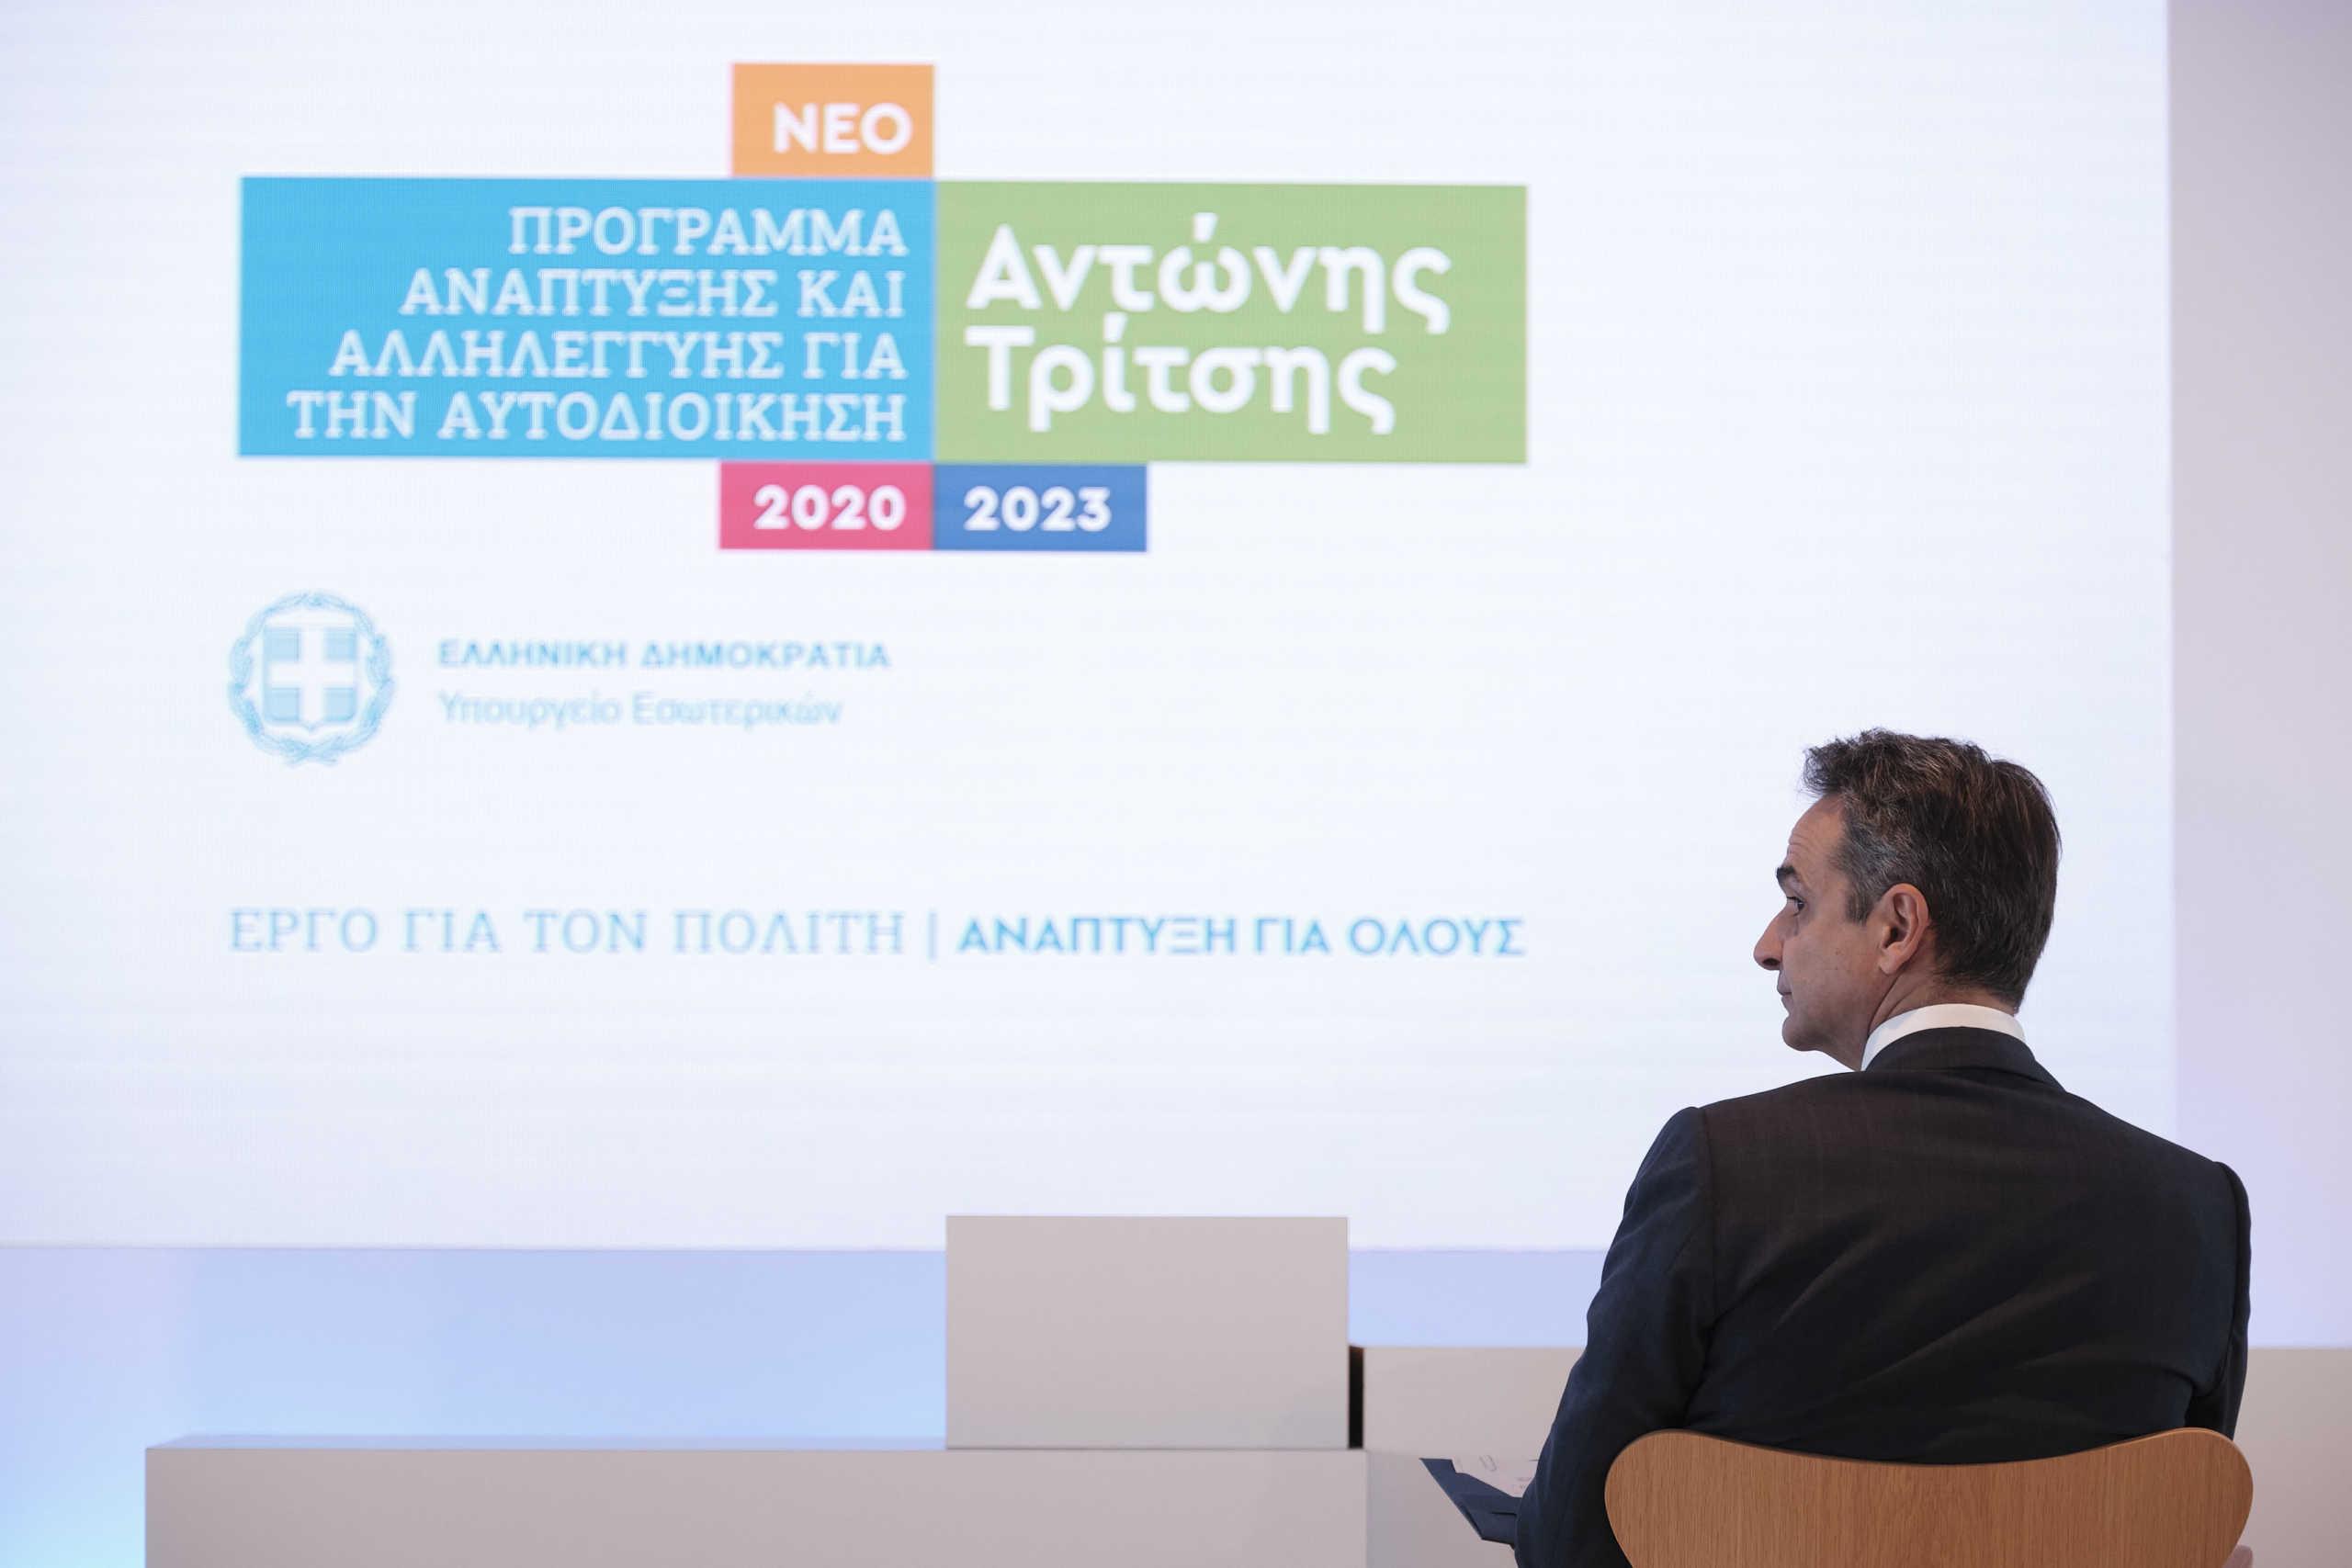 Πρόγραμμα «Αντώνης Τρίτσης»: 40.000 νέες θέσεις εργασίας – Σε Ρόδο και Γιάννενα τα μεγαλύτερα έργα